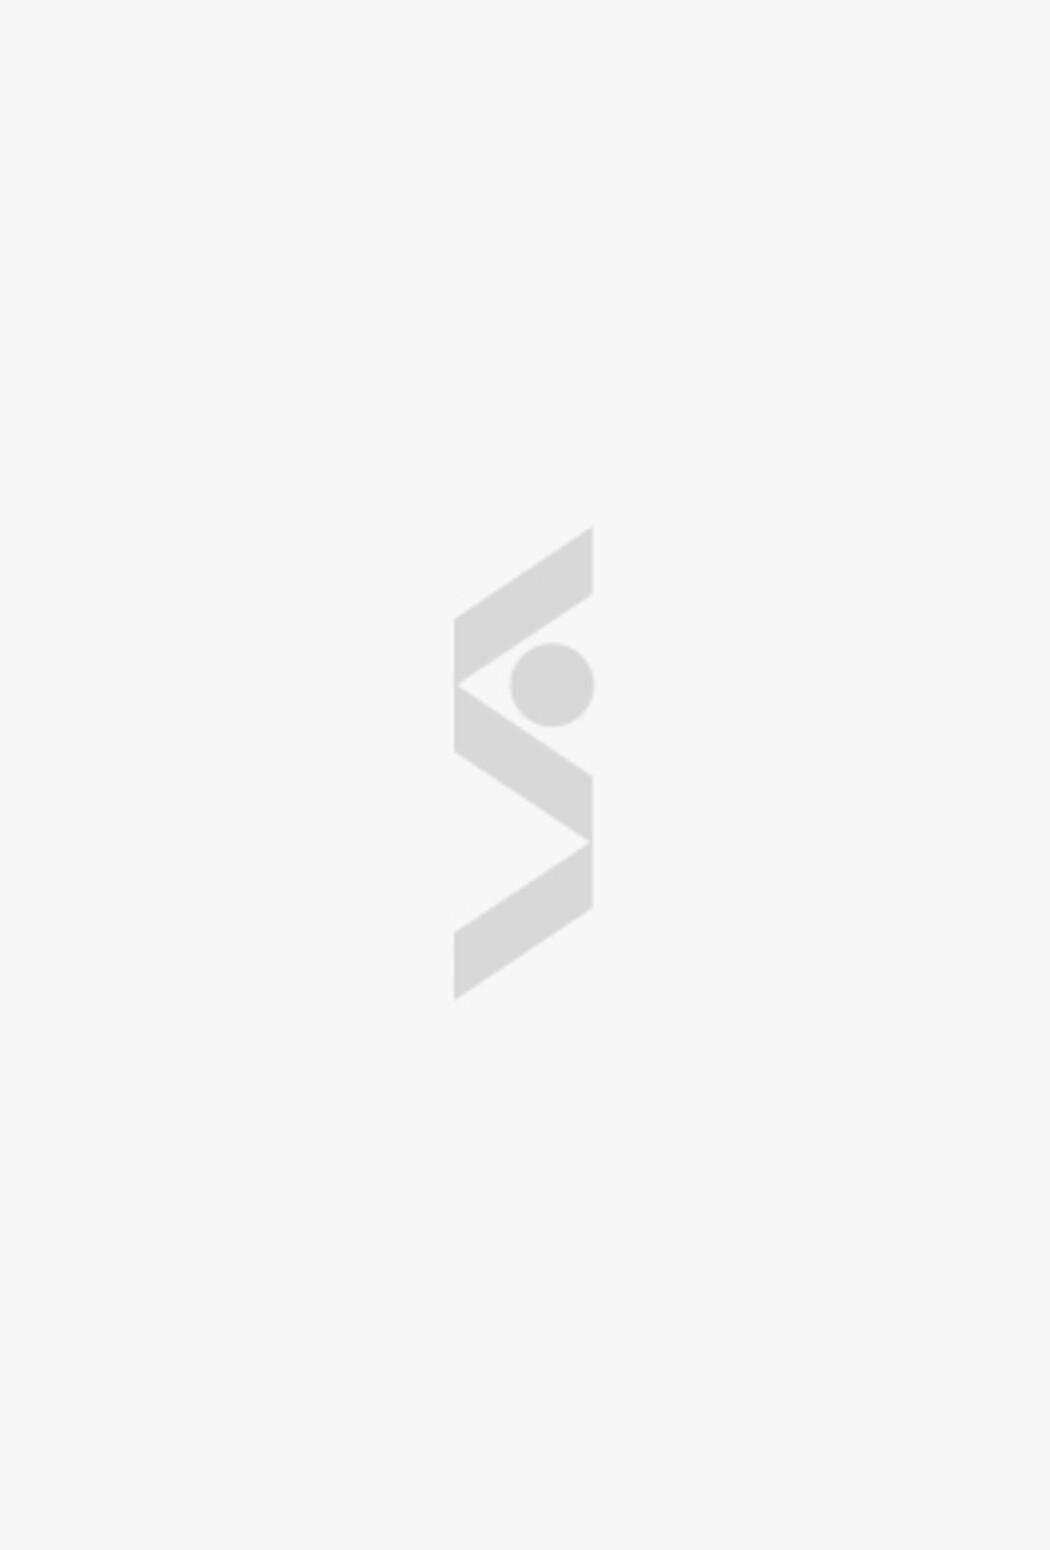 Набор разделочных досок Joseph Joseph - скоро в продаже в интернет-магазине СТОКМАНН в Москве